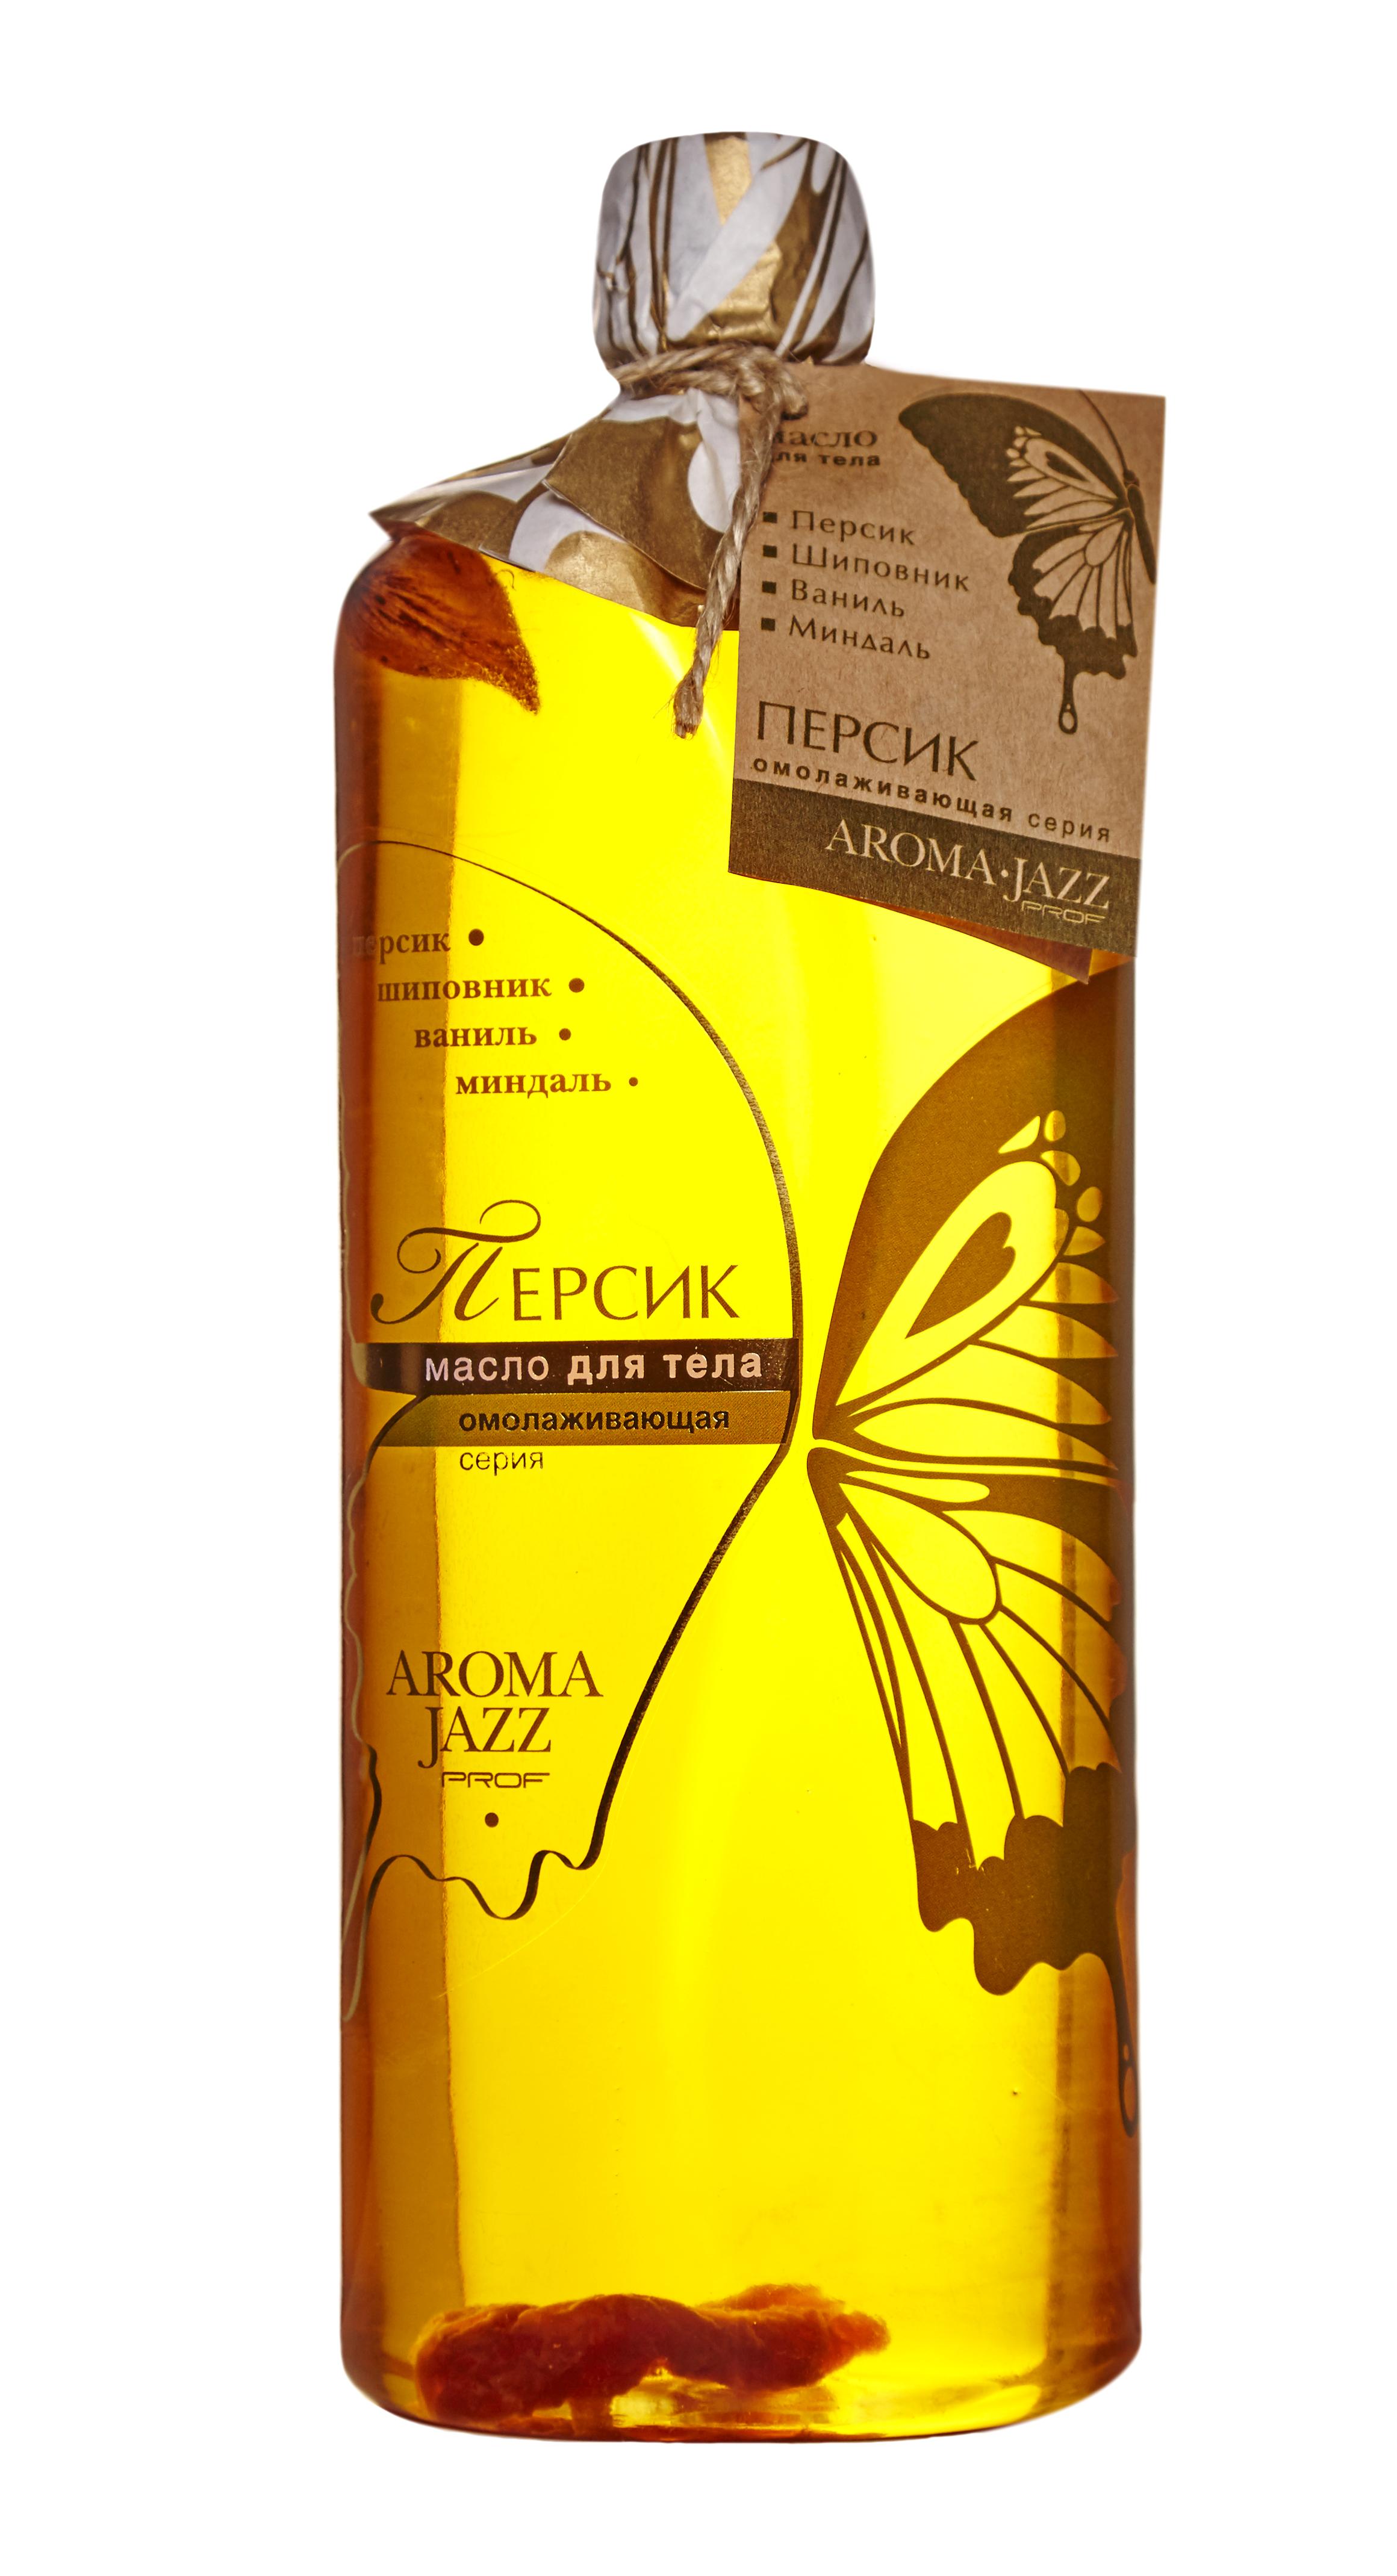 AROMA JAZZ Масло массажное жидкое для тела Персик 1000млМасла<br>Способствует регенерации сухой и чувствительной кожи, делает ее упругой и эластичной, смягчает, обладает противовоспалительным и заживляющим действием. Масло является эффективным средством в борьбе с целлюлитом, быстро впитывается и подходит для ежедневного применения.  Персик  не вызывает раздражения или аллергических реакций, поэтому показан как взрослым, так и детям. Наконец-то, вы расслаблены и спокойны. Тело окутано нежным ароматом, мысли пусты, и лишь воображение рисует образ прекрасного сада. Это райский сад. Вдохните поглубже его воздух, отведайте плодов с его деревьев, наслаждайтесь, пока длится массаж  Активные ингредиенты: масла пальмы, кокоса, оливы, сои, персика, растительное с витамином Е; экстракты шиповника и персика; эфирные масла миндаля, персика, ванили, розы, ванили и розмарина. Способ применения: рекомендовано для проведения классического и баночного массажа, втирания после душа, горячих ванн и SPA-процедур в салоне и дома. Рекомендуется использовать одноразовое белье.<br><br>Объем: 1000<br>Вид средства для тела: Массажный<br>Назначение: Целлюлит